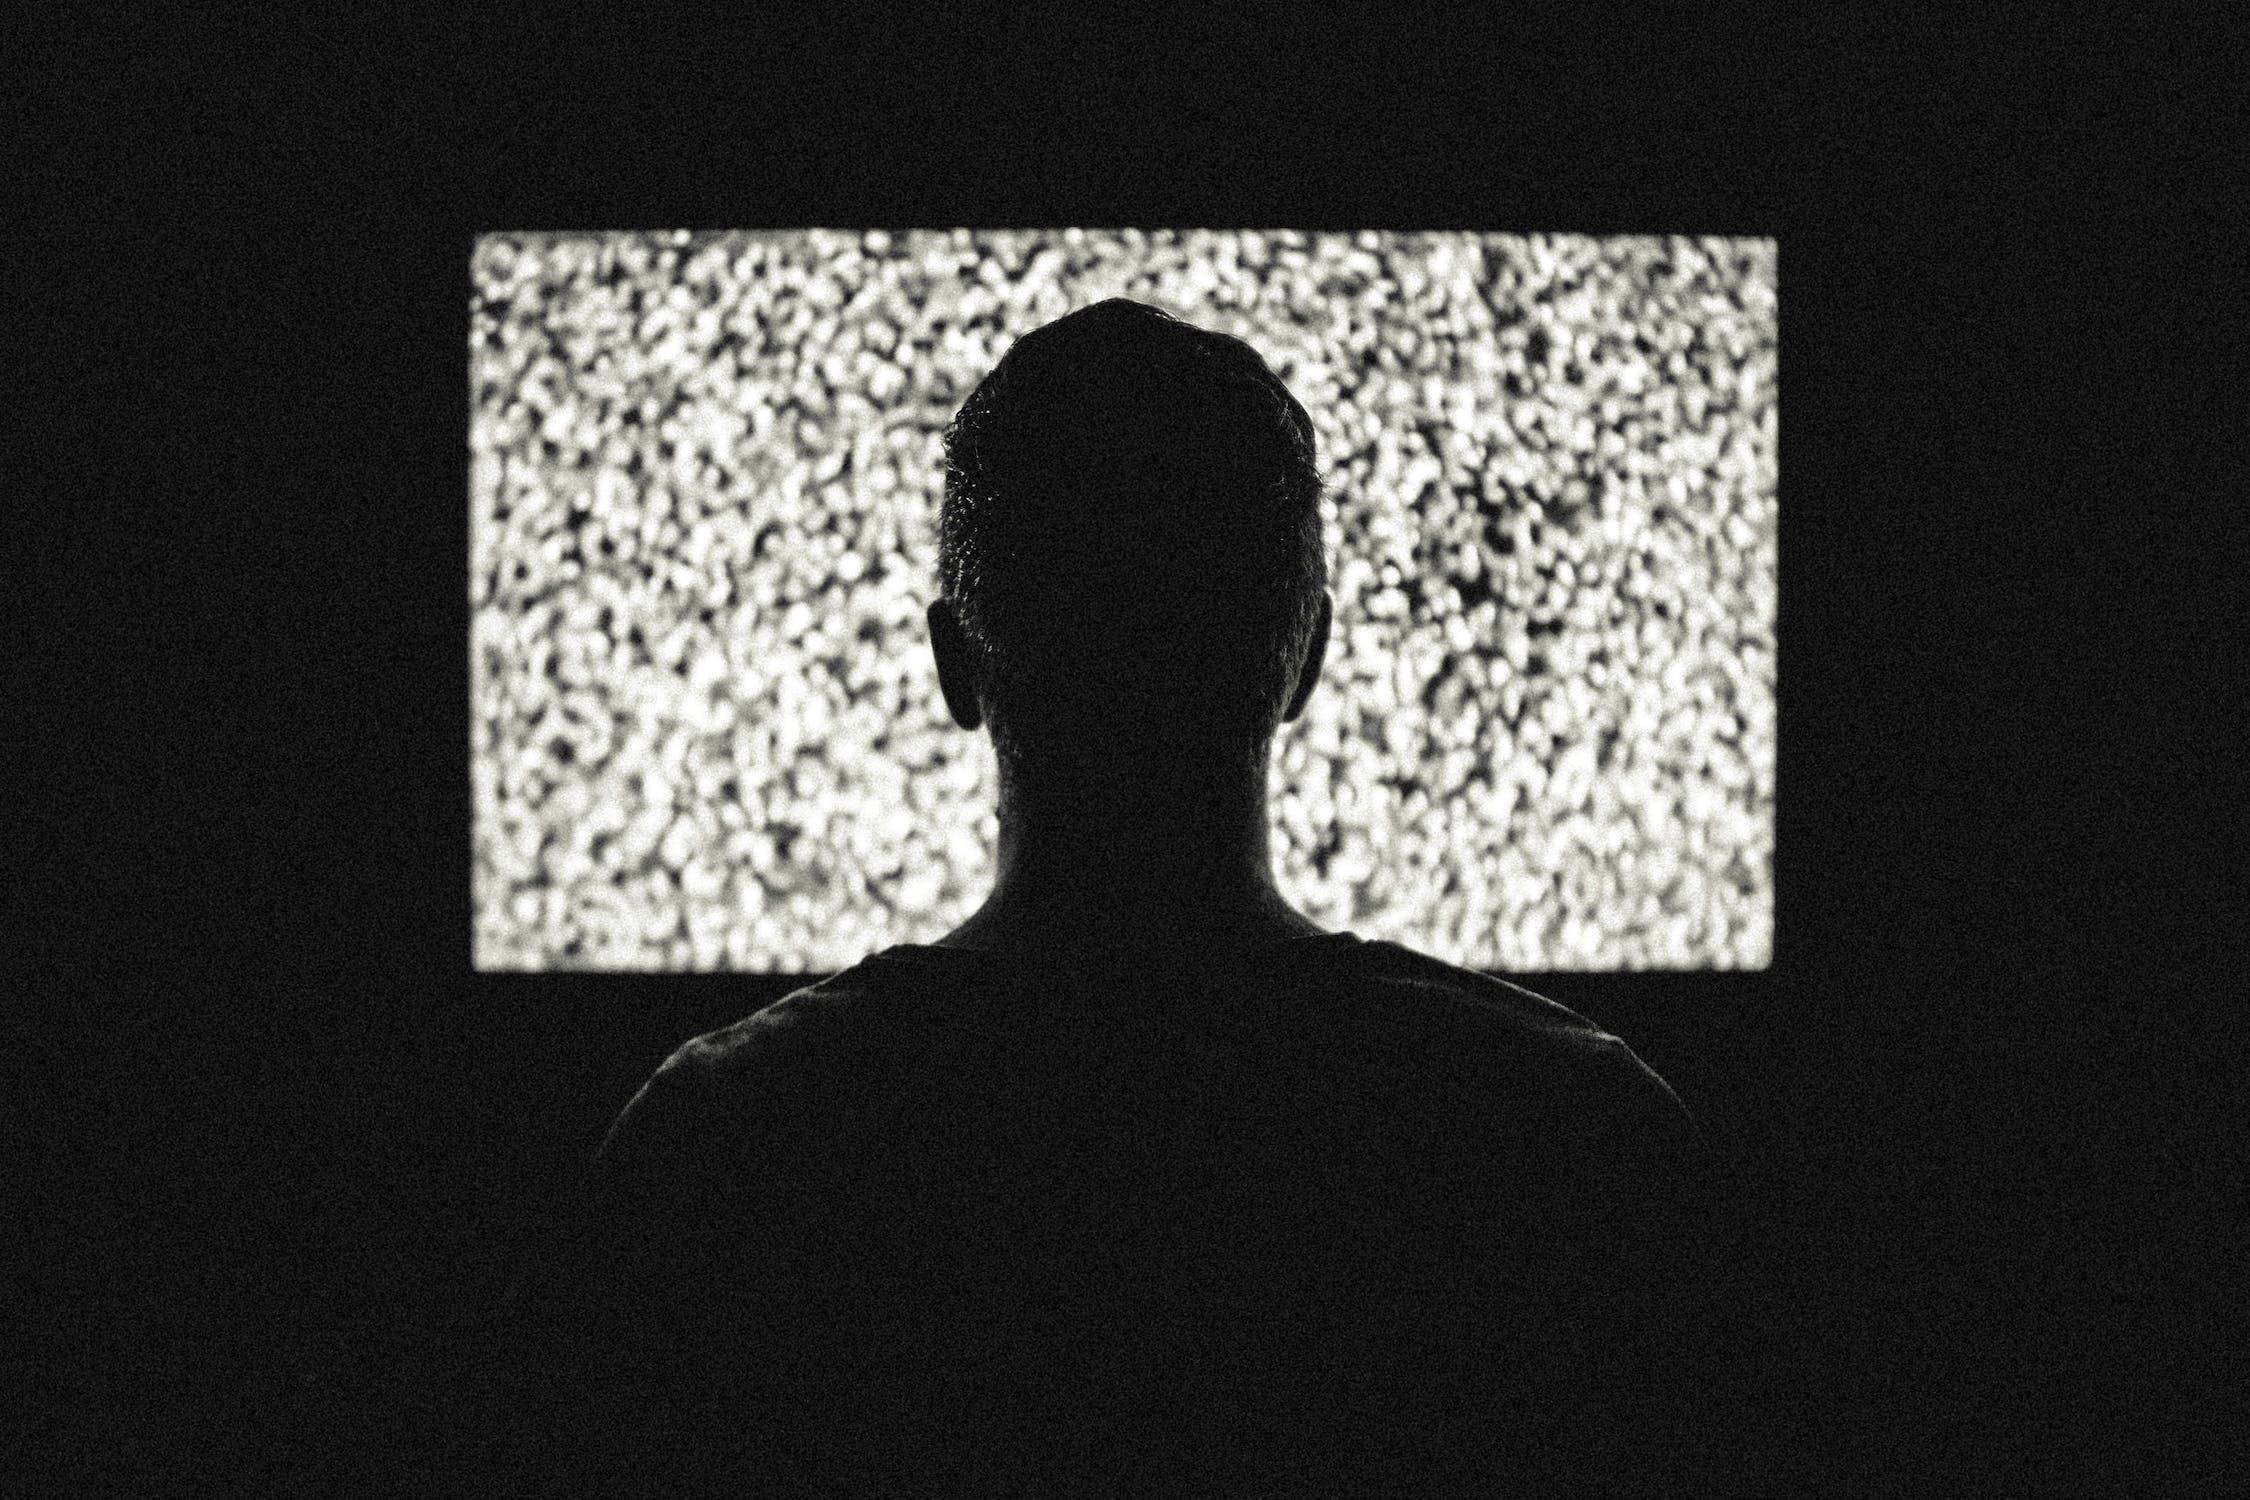 Andrew E Weber - Pexel.com